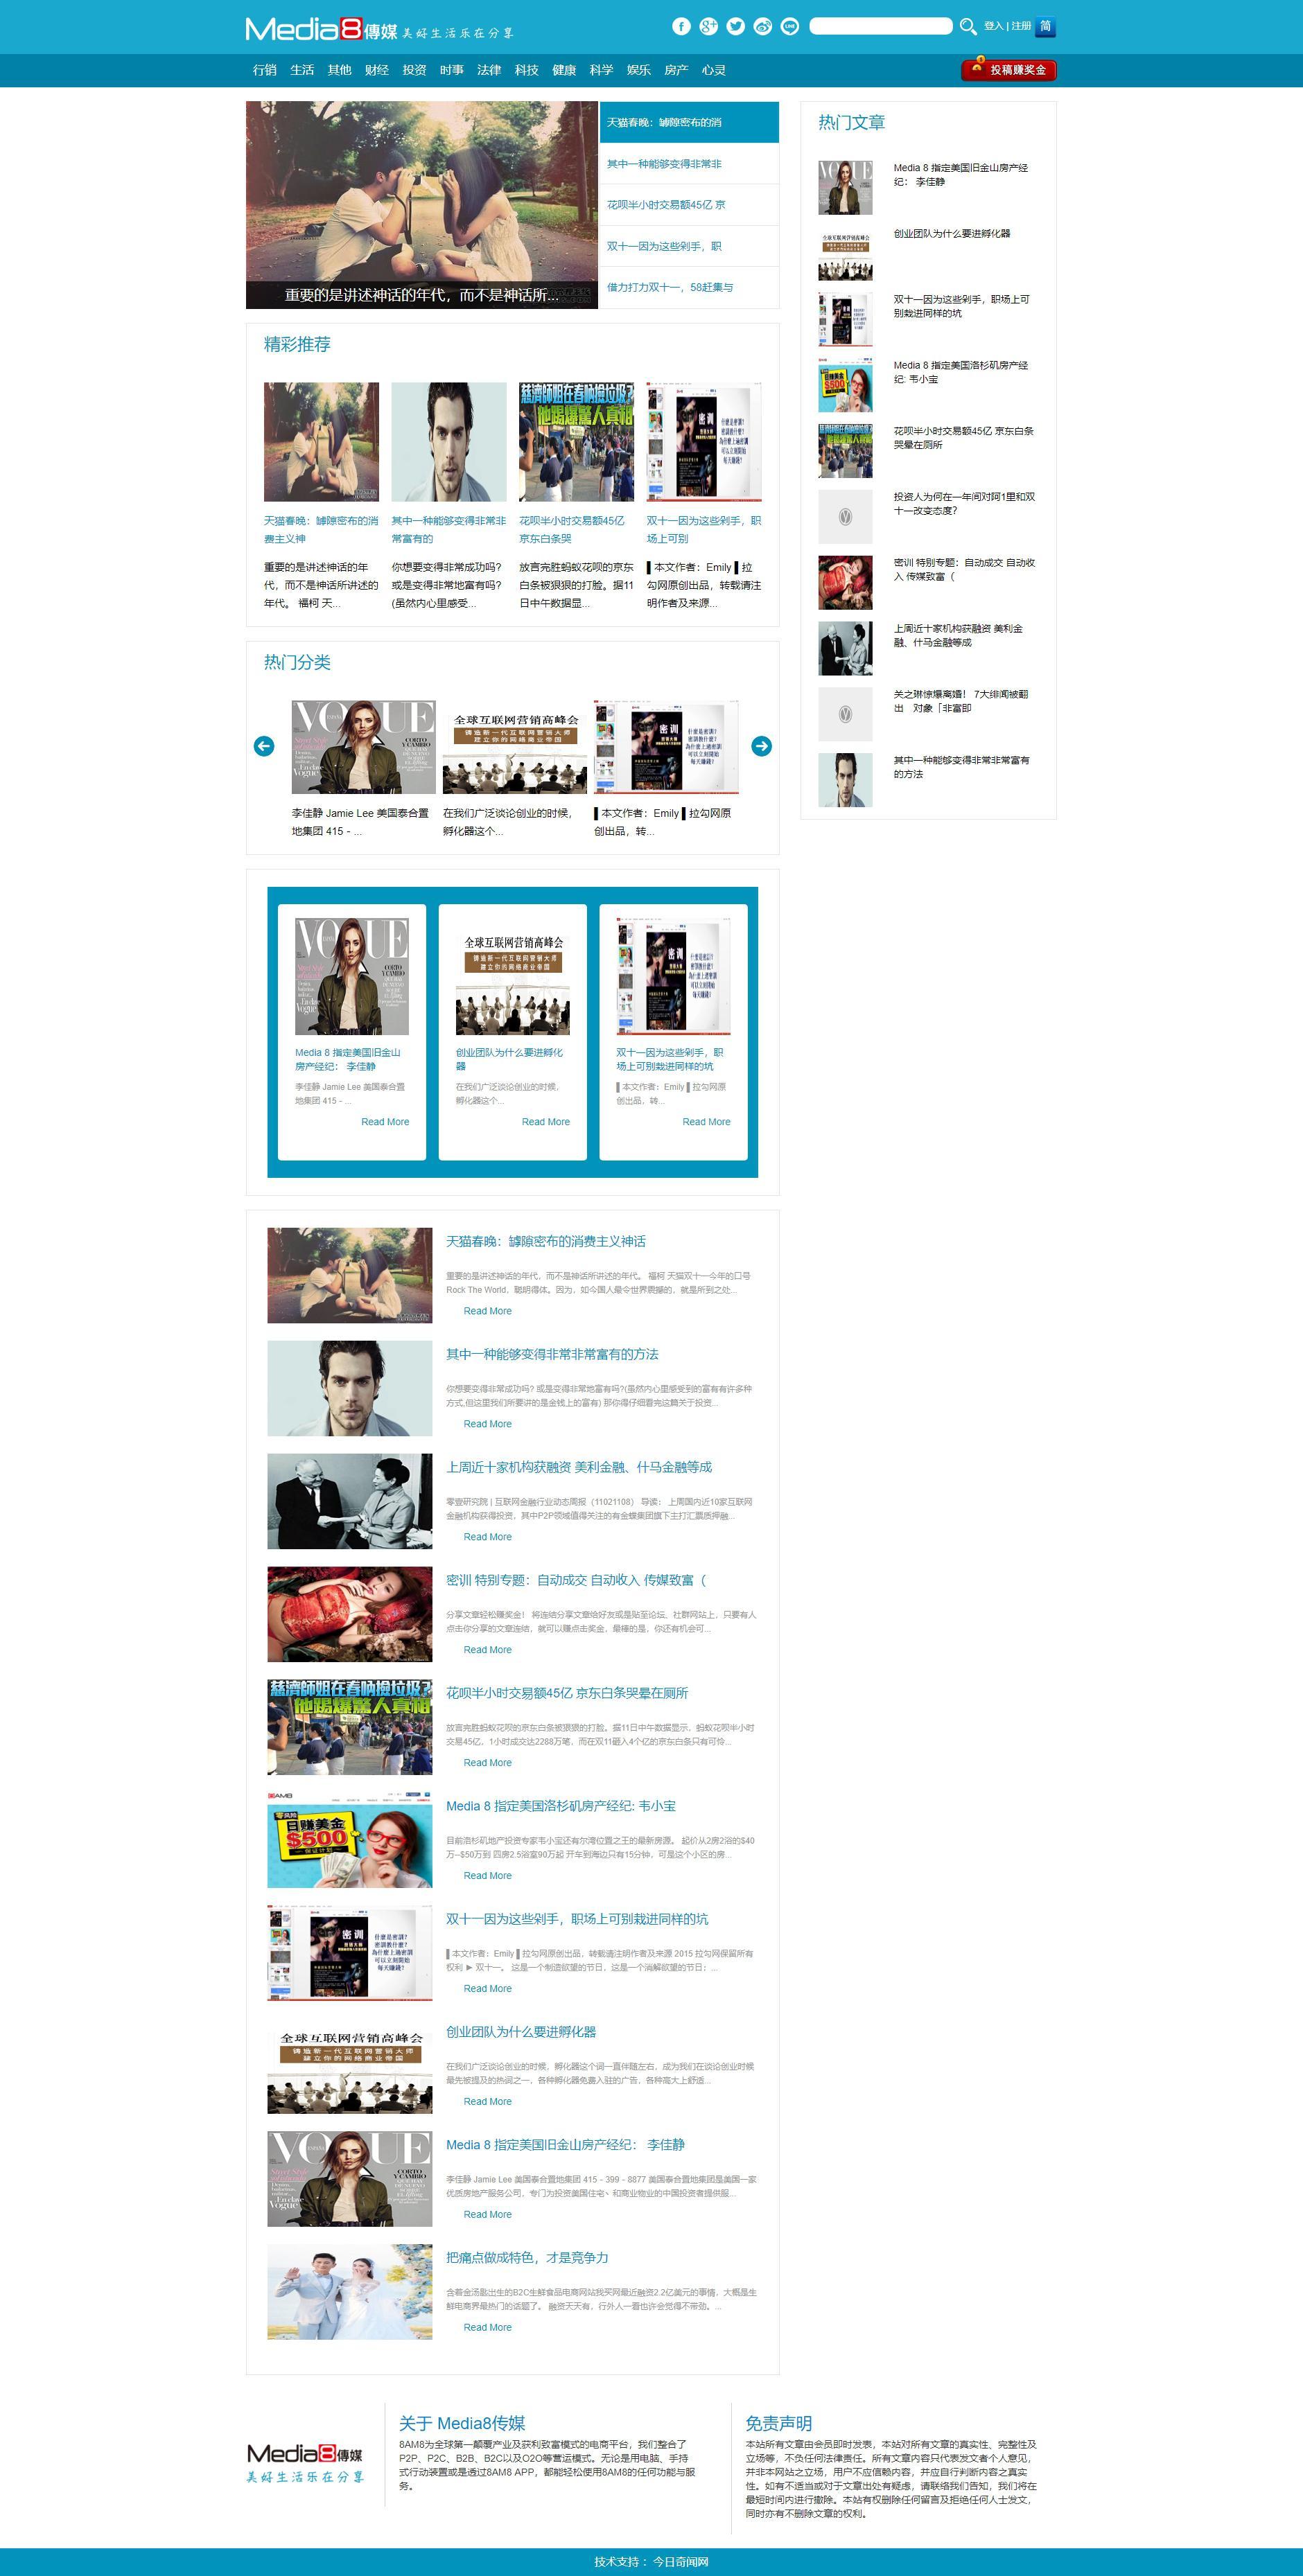 织梦dedecms蓝色大气娱乐资讯文章网站模板